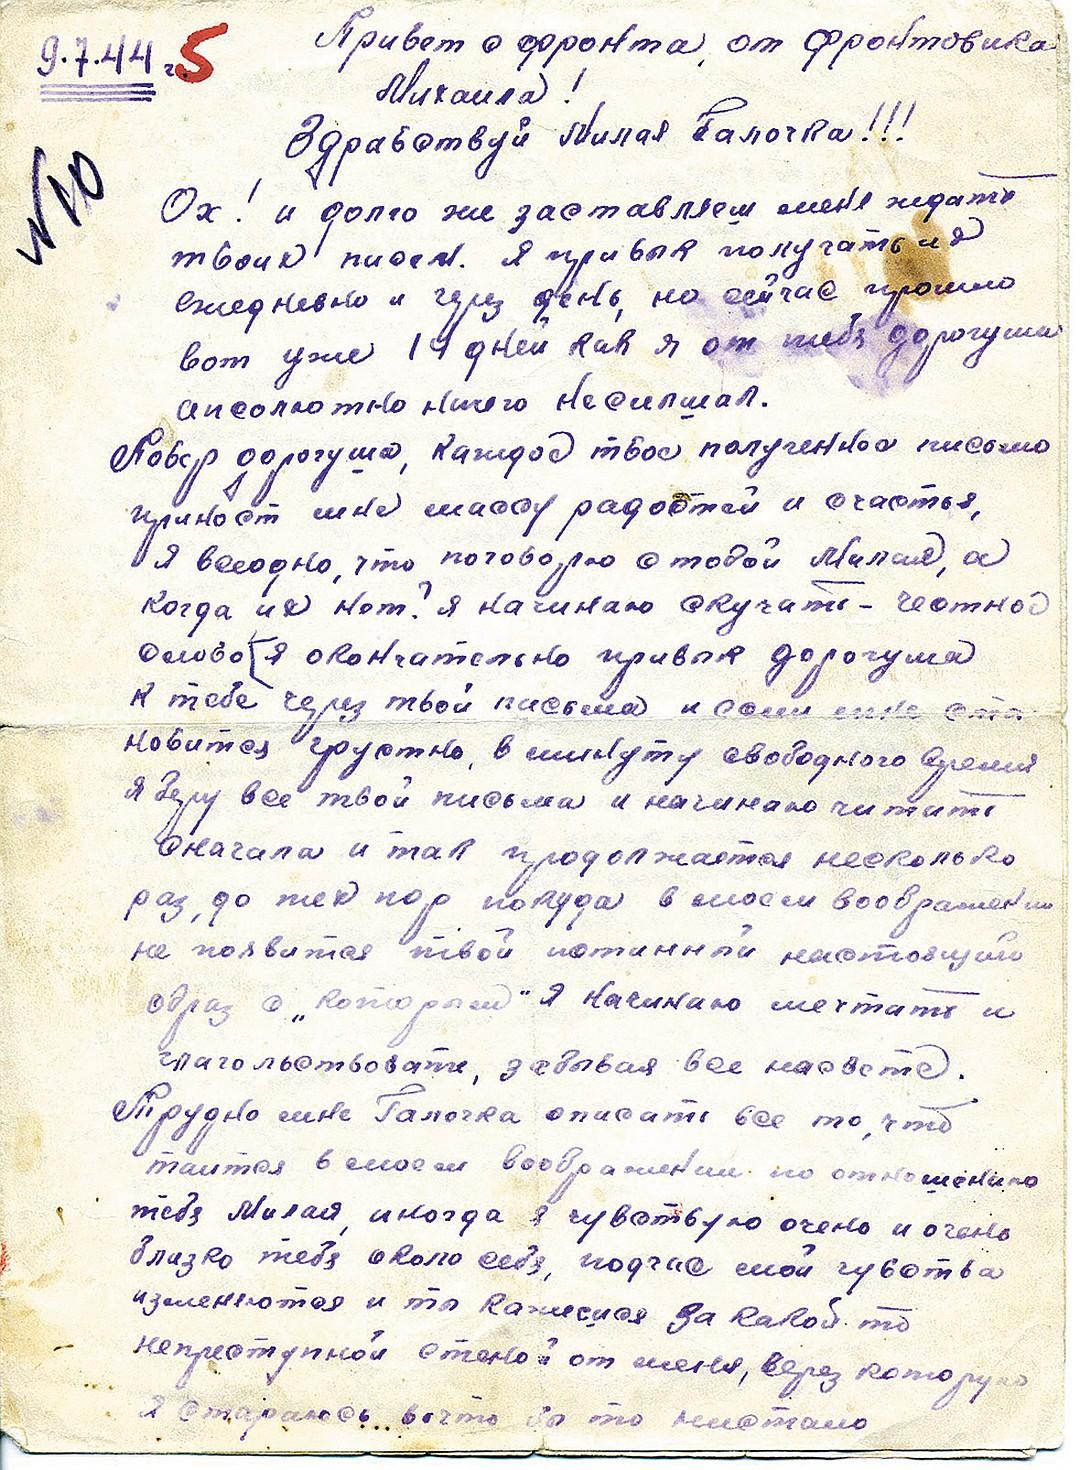 wx1080-3 Ялалтын баярт: Фронтод дайтаж яваа танихгүй цэрэг эрд захидал илгээсээр гэрлэжээ